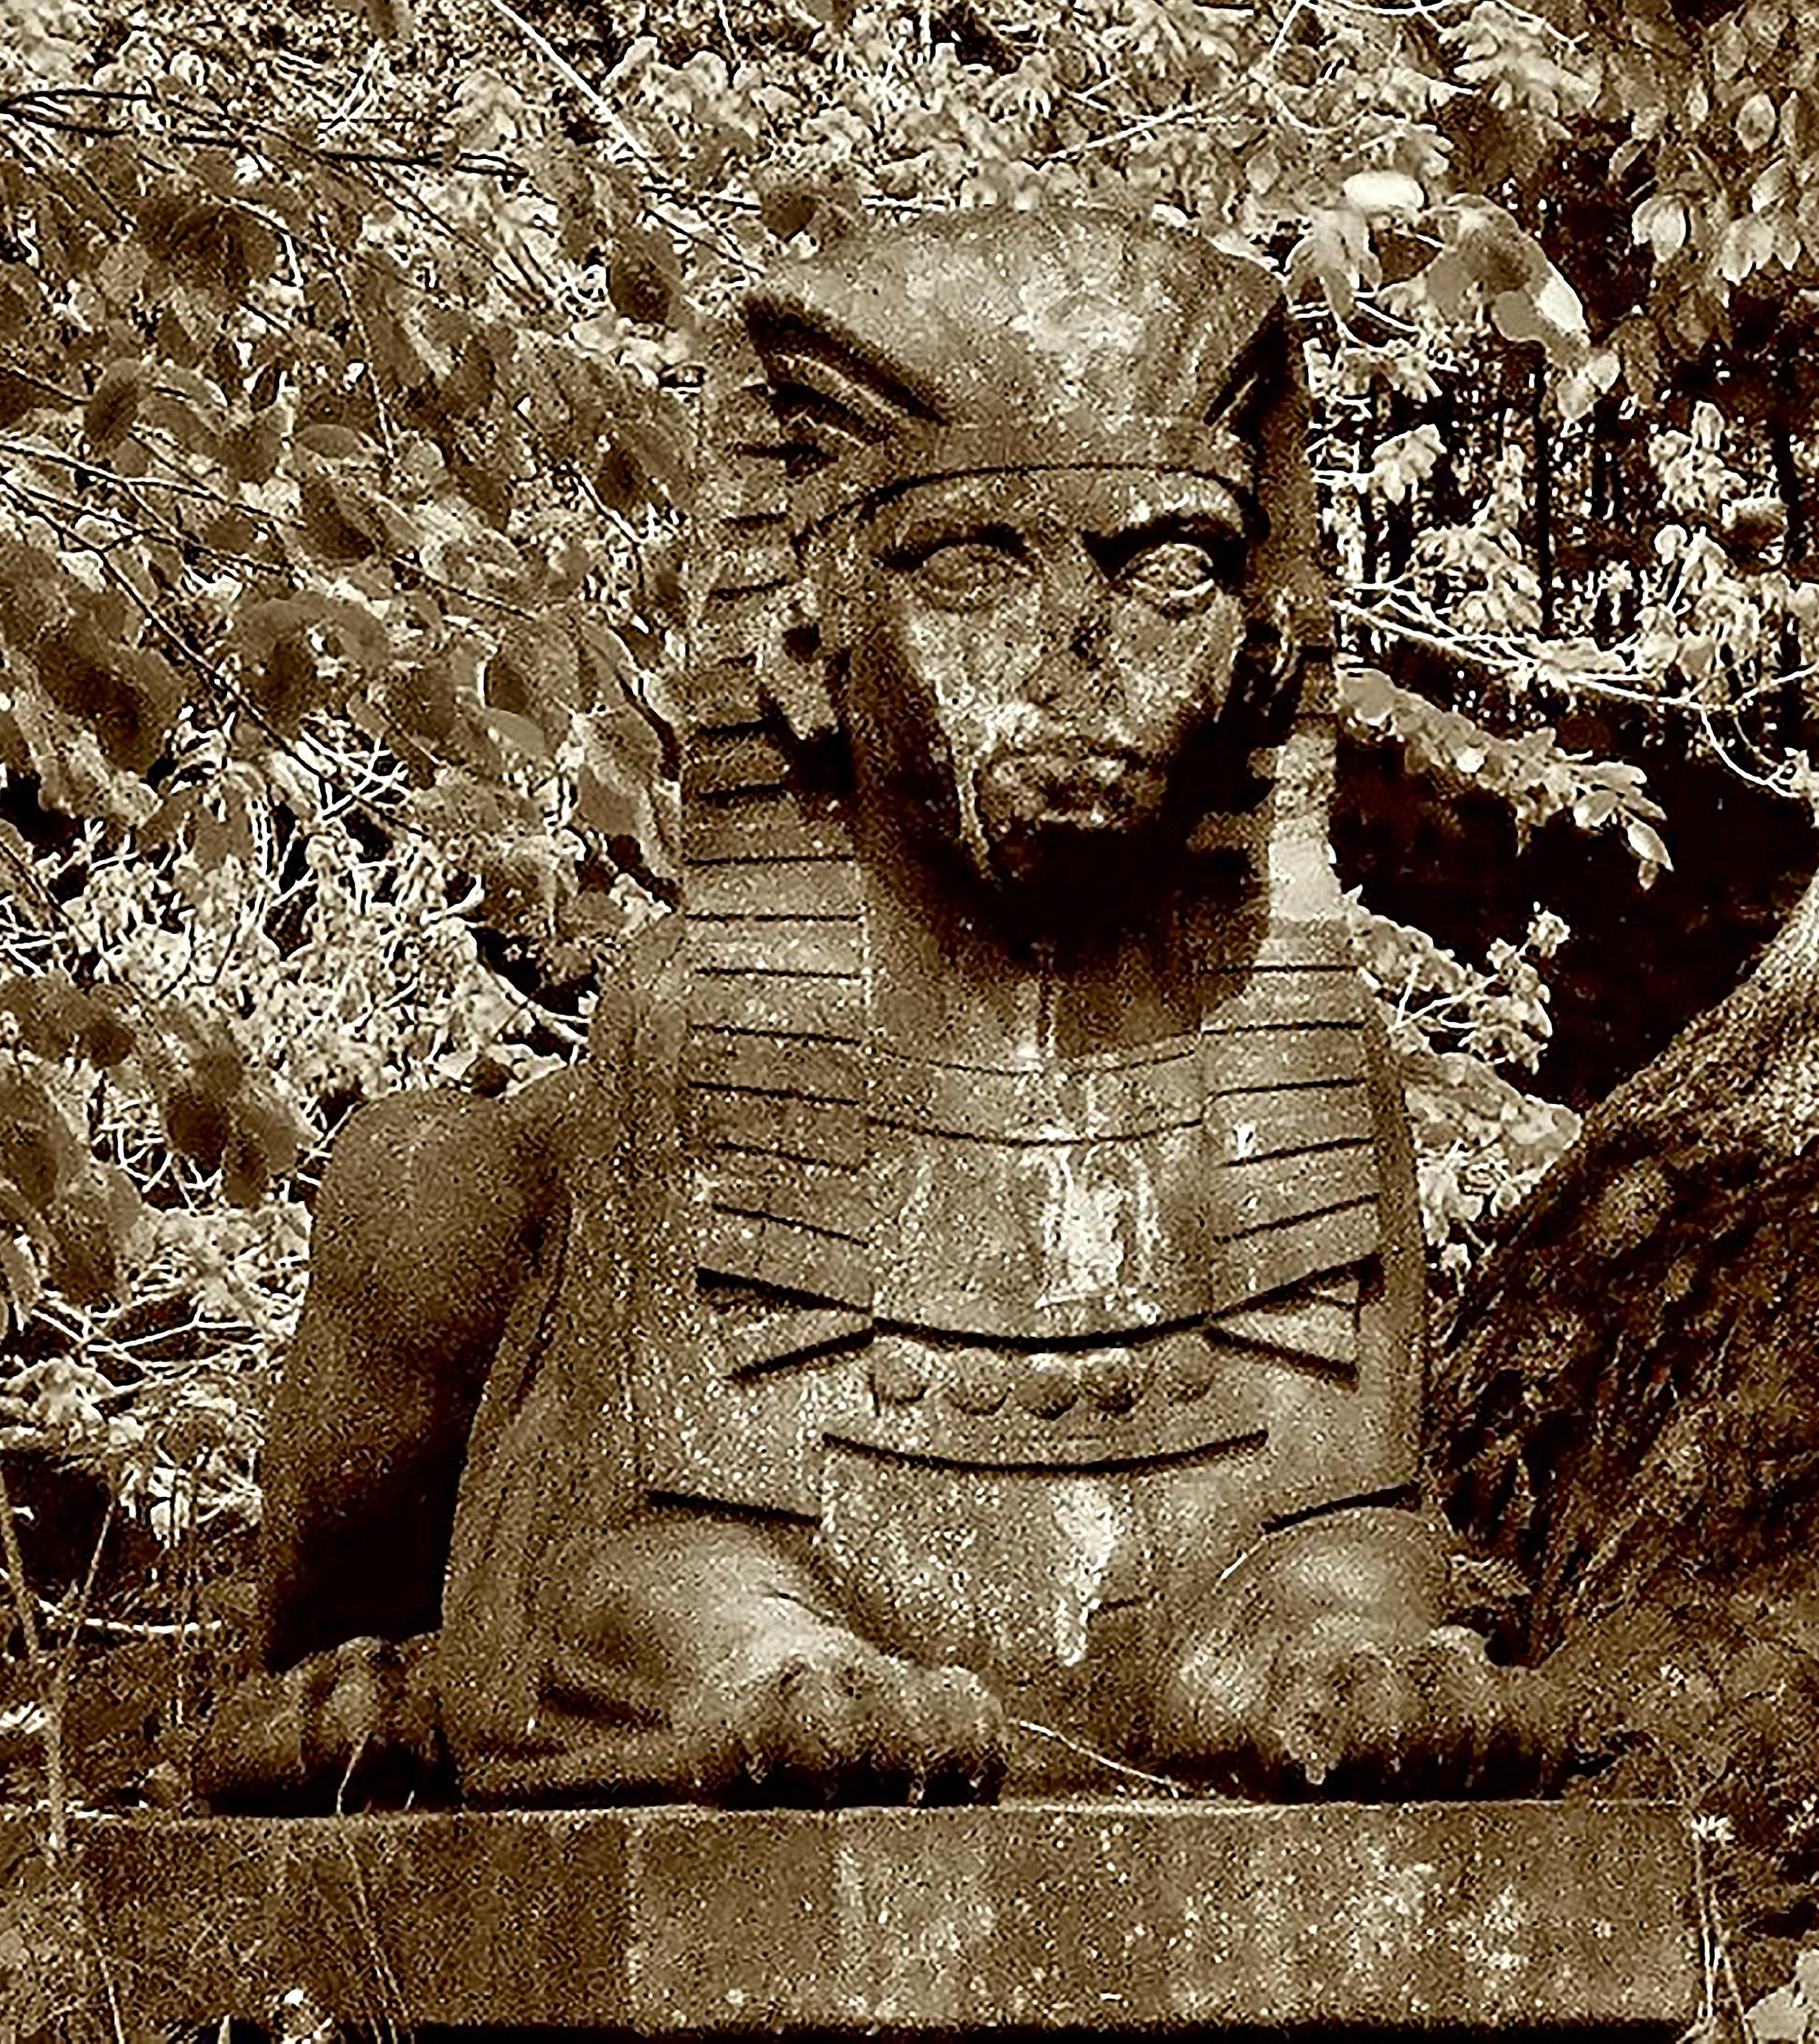 Schwanteich, Gotha, Thüringen, 1805 - Frederick William Eugen Döll - Sphinx vom Monument